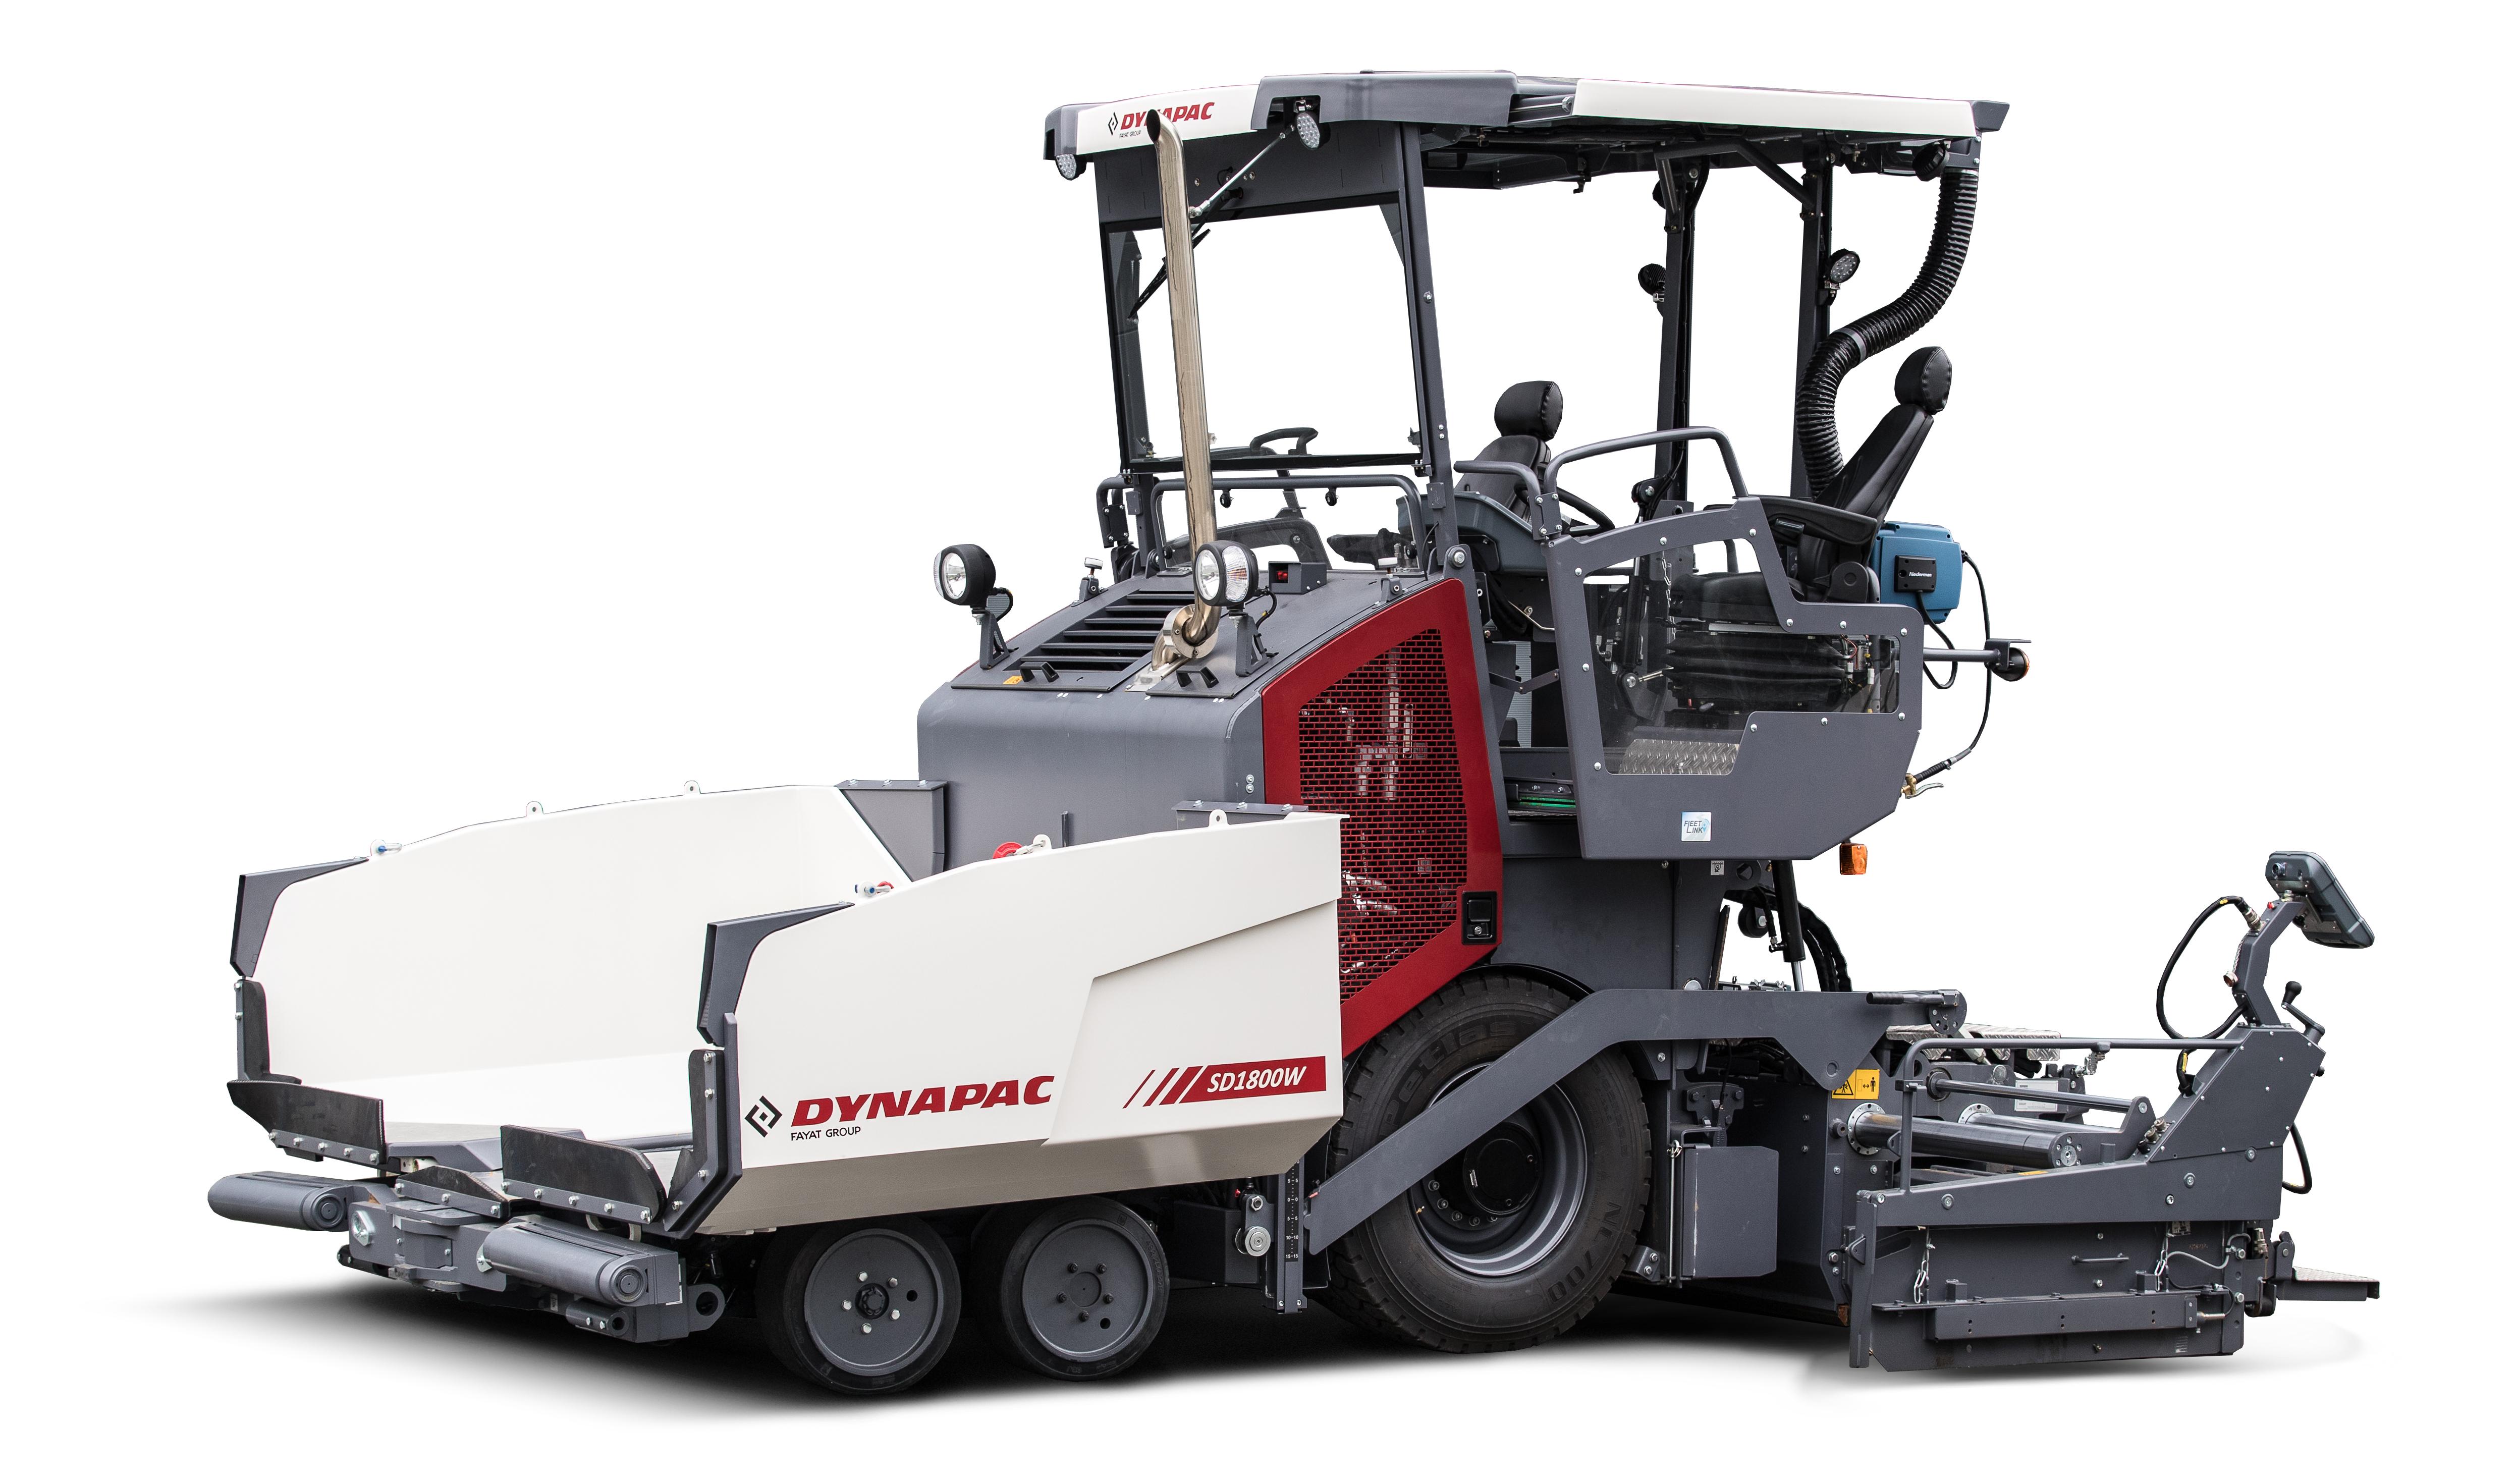 Dynapac Dynapac SD1800W